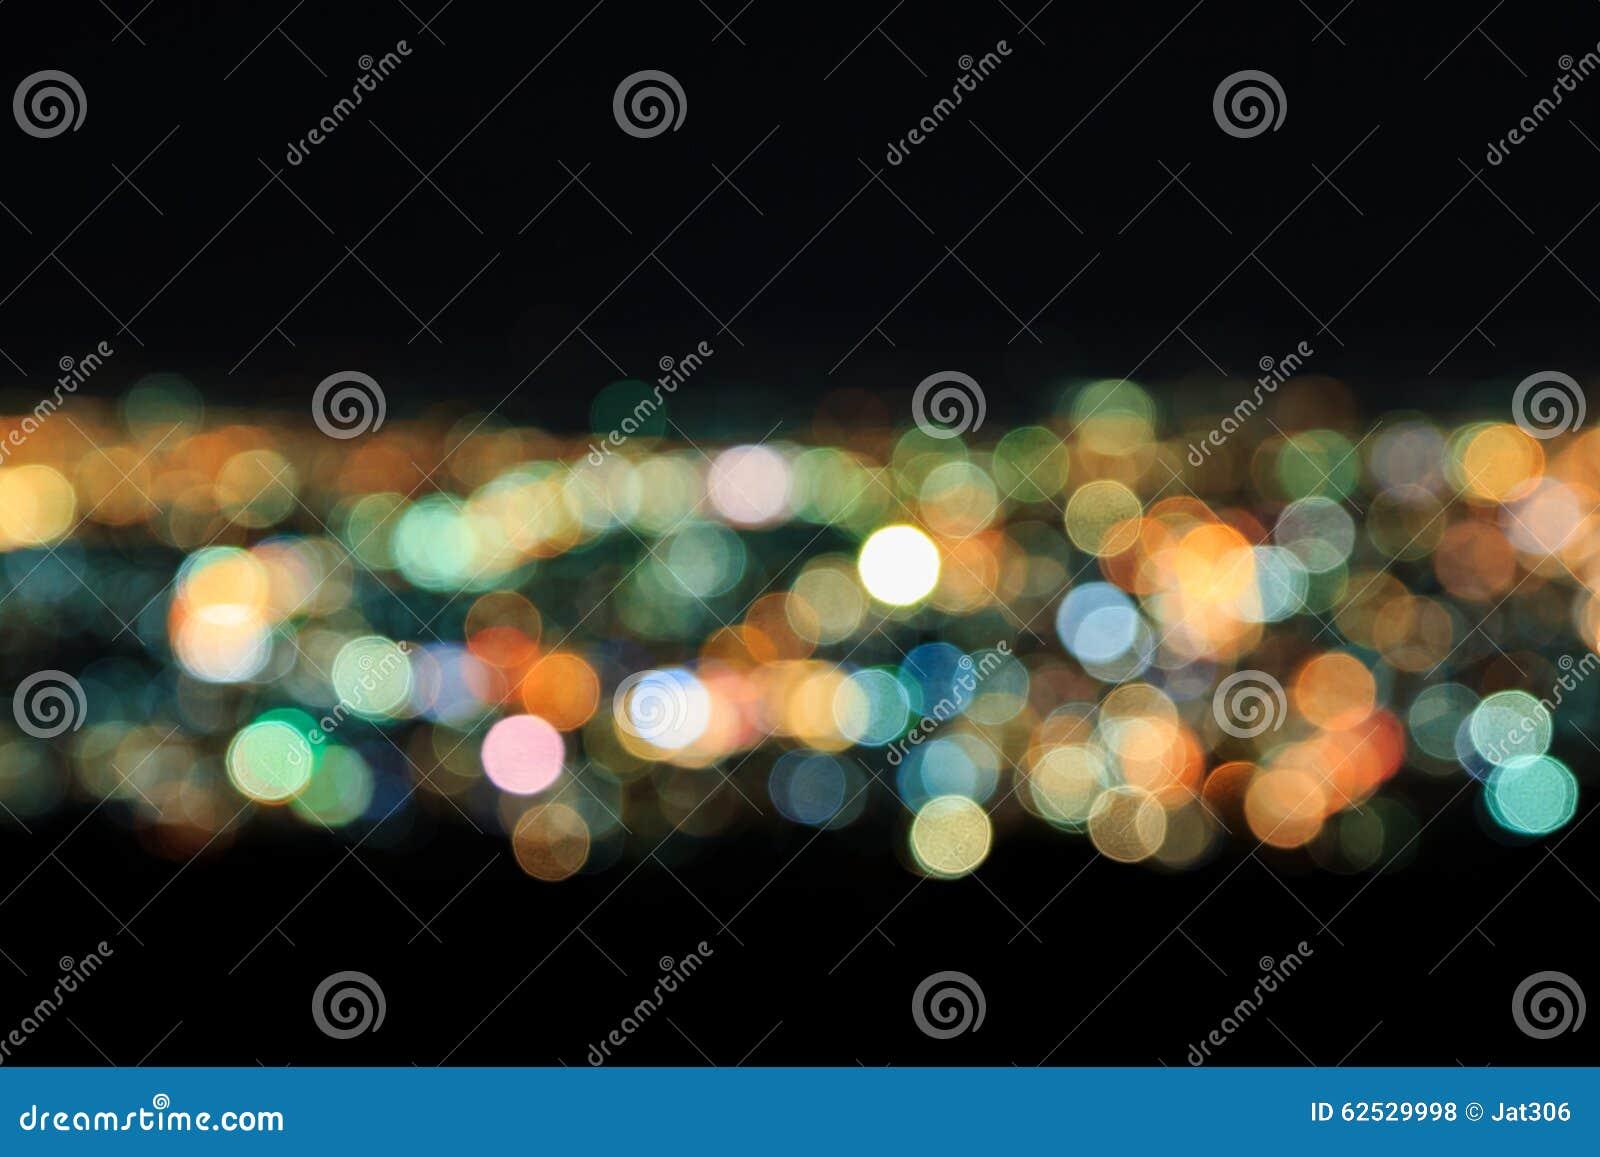 Blurred市光摘要